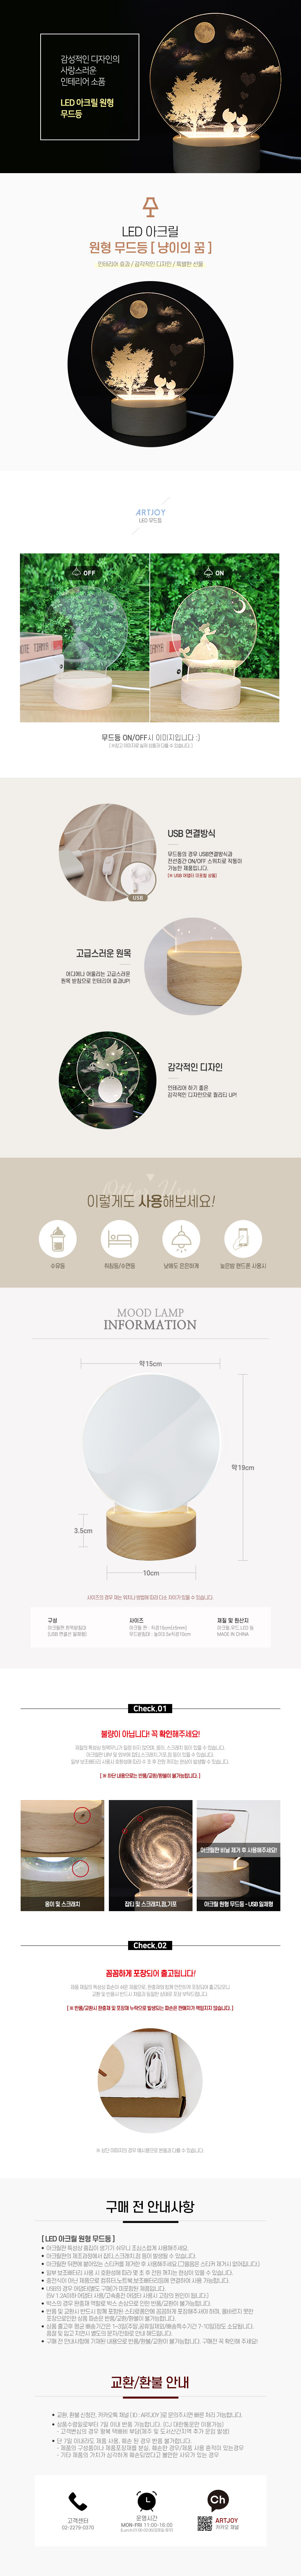 아트조이 LED 아크릴 원형 무드등 (냥이의 꿈) - 아트조이, 19,000원, 디자인조명, 아크릴 무드등